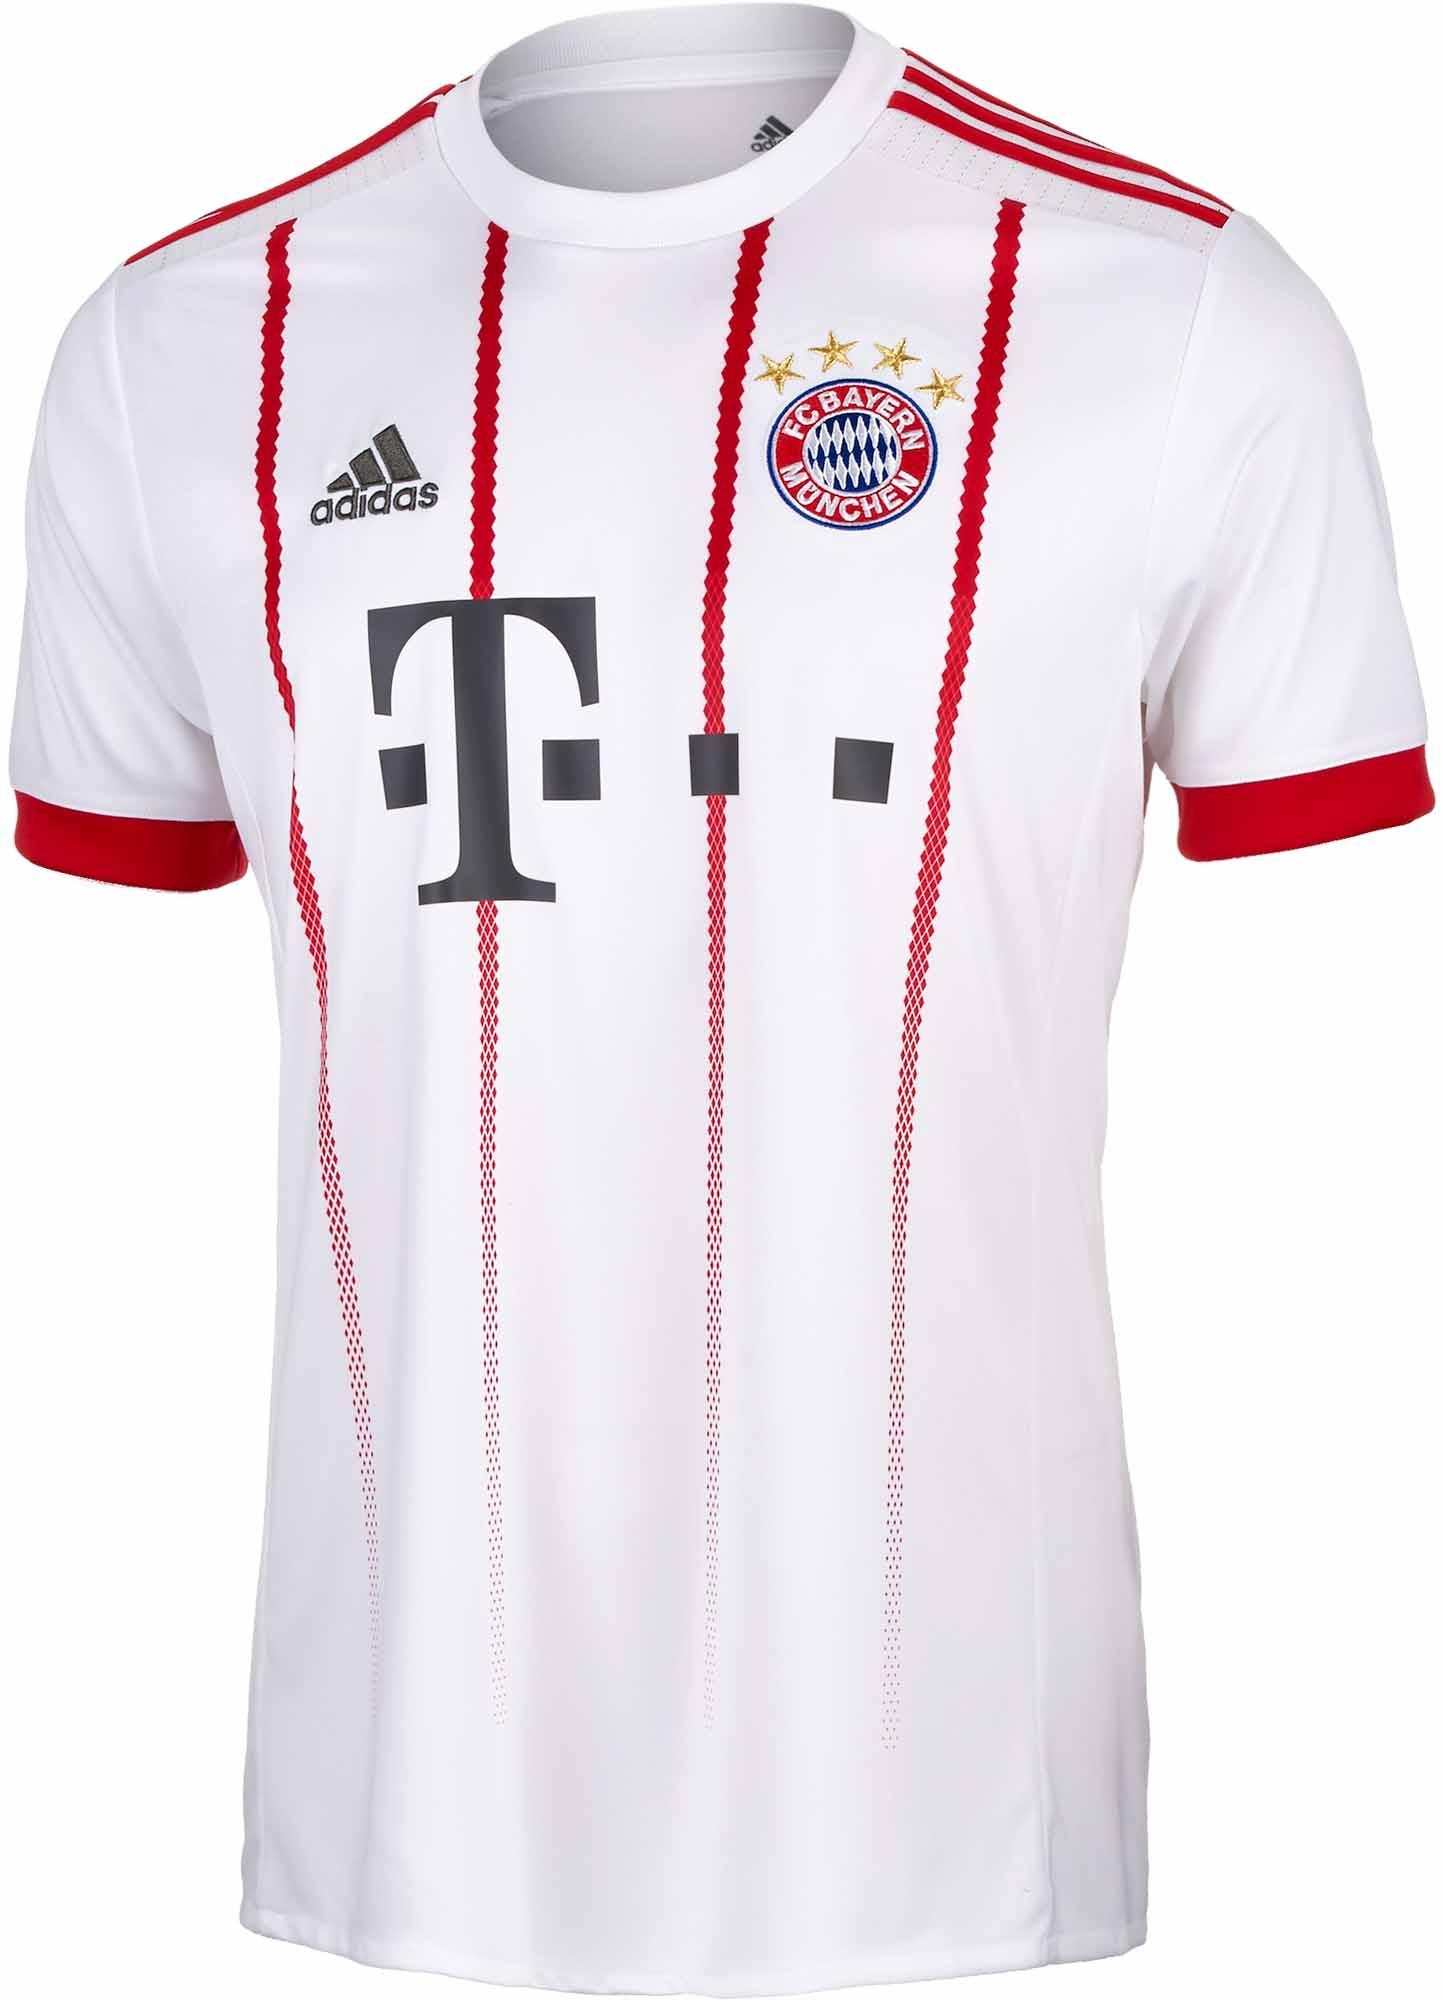 511903d37170 adidas Kids Bayern Munich UCL Jersey 2017-18